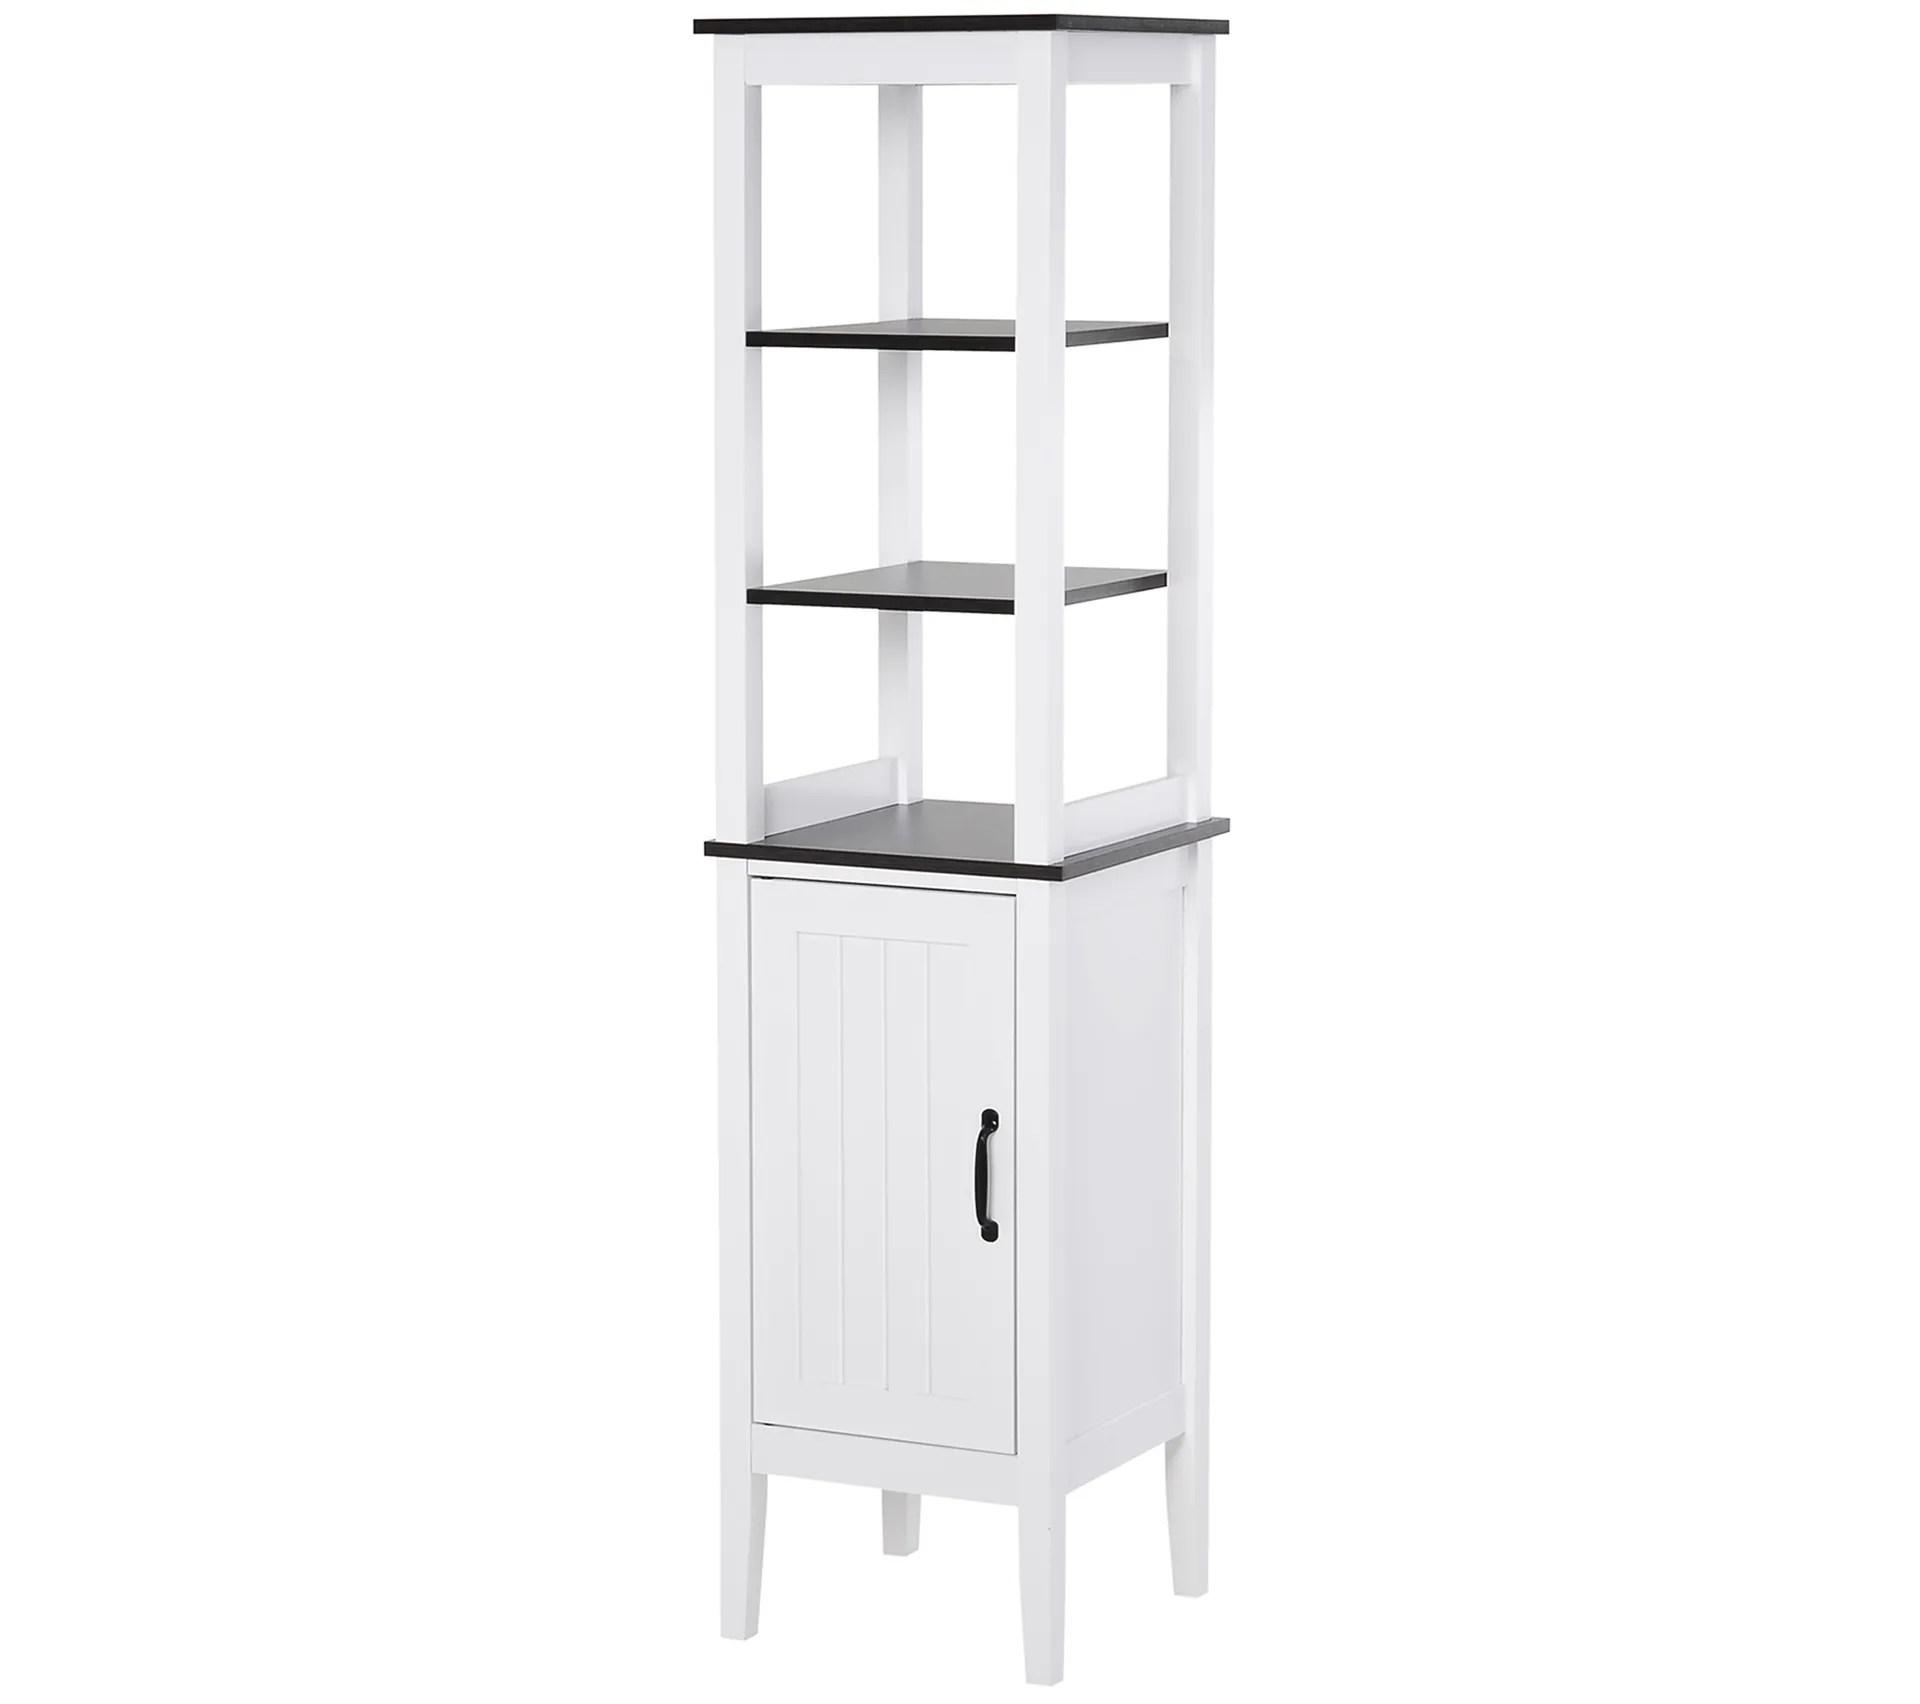 meuble colonne rangement salle de bain 3 etageres placard blanc noir